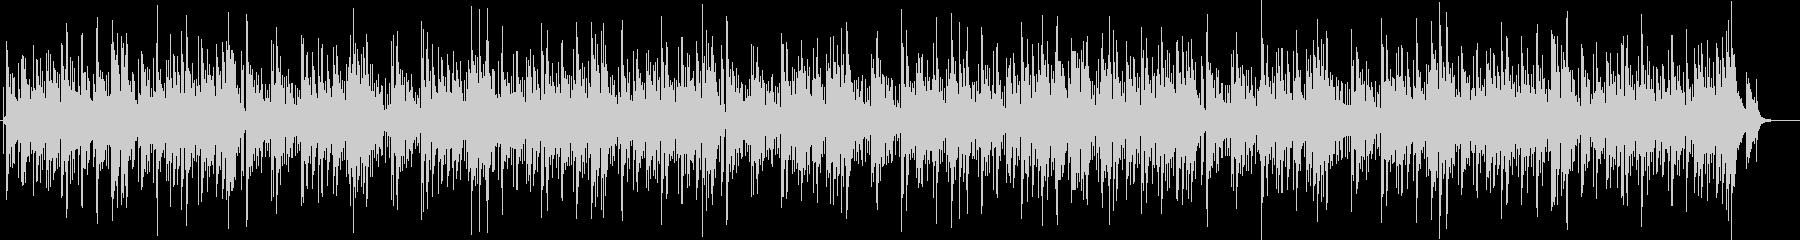 初期ノラジョーンズ風の癒し系ピアノポップの未再生の波形